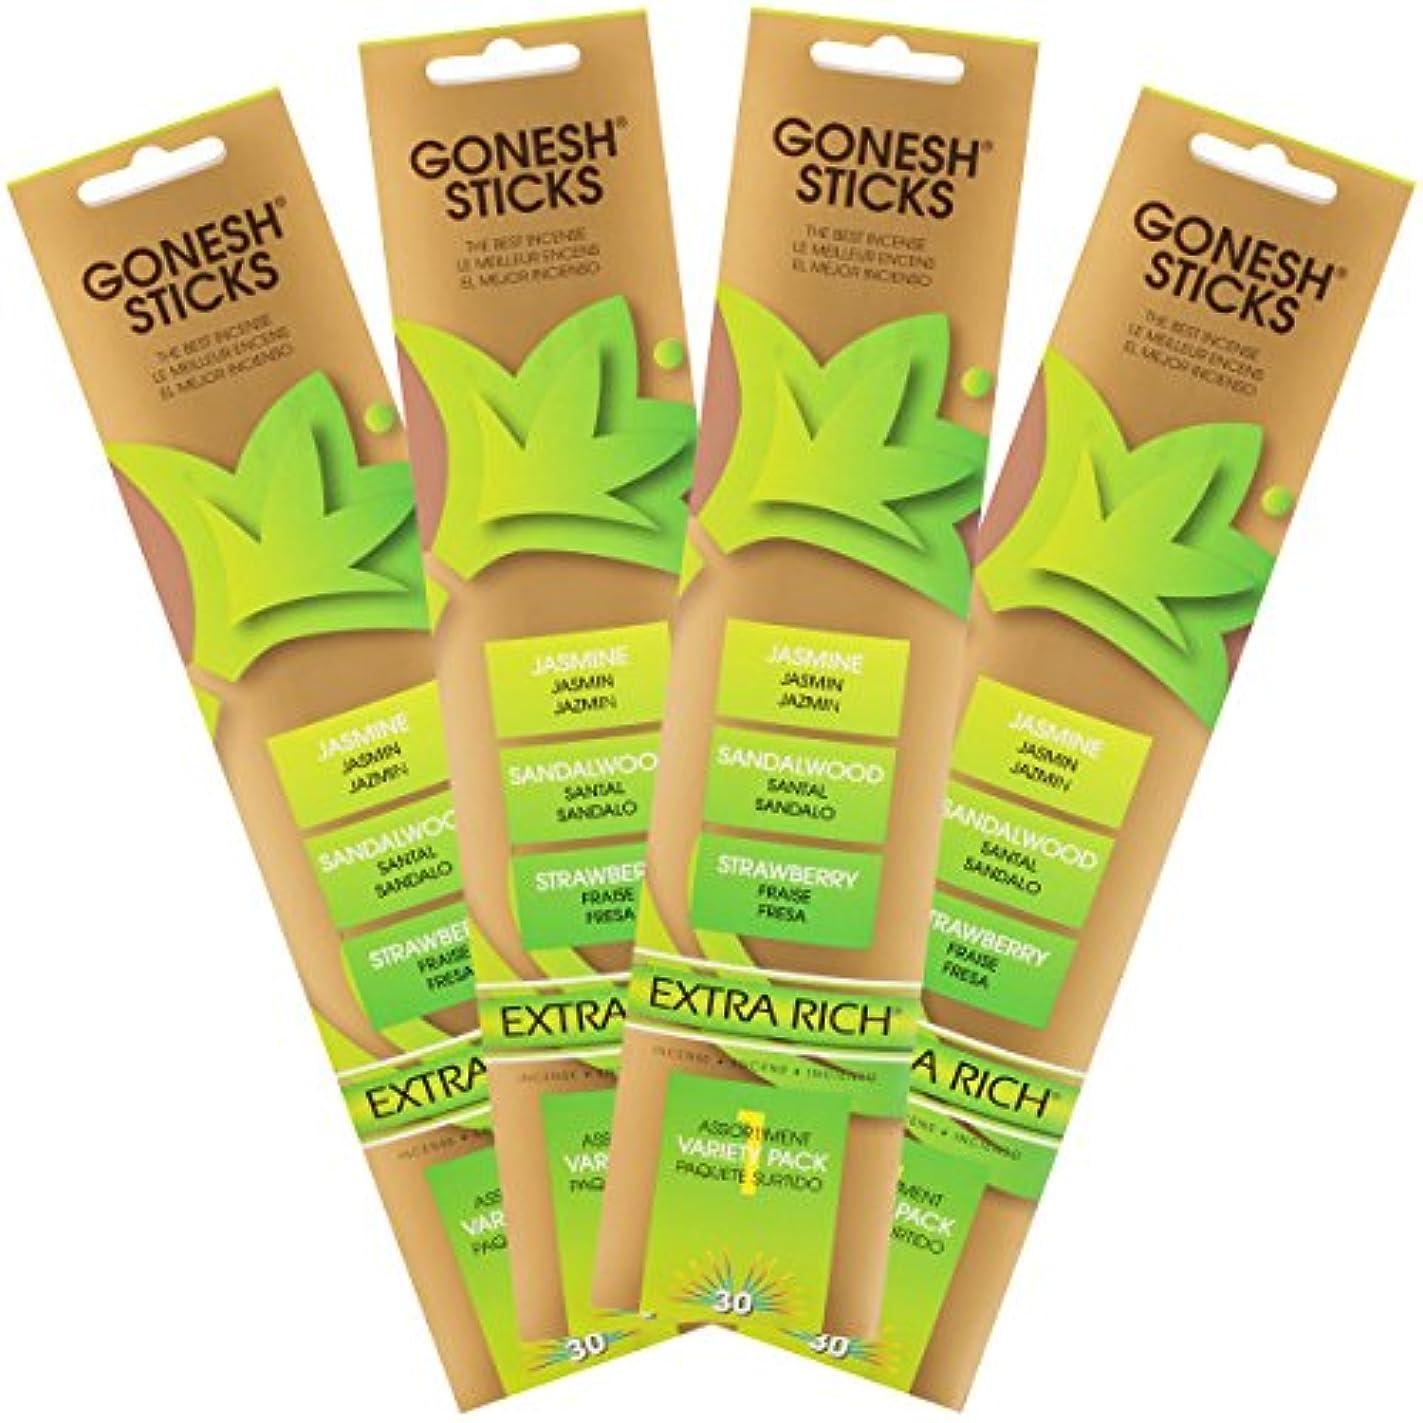 挨拶する倍増軽量Gonesh Incense Sticks – Extra Rich Variety Pack # 1 (ジャスミン、サンダルウッドand Strawberry ) Lot of 4